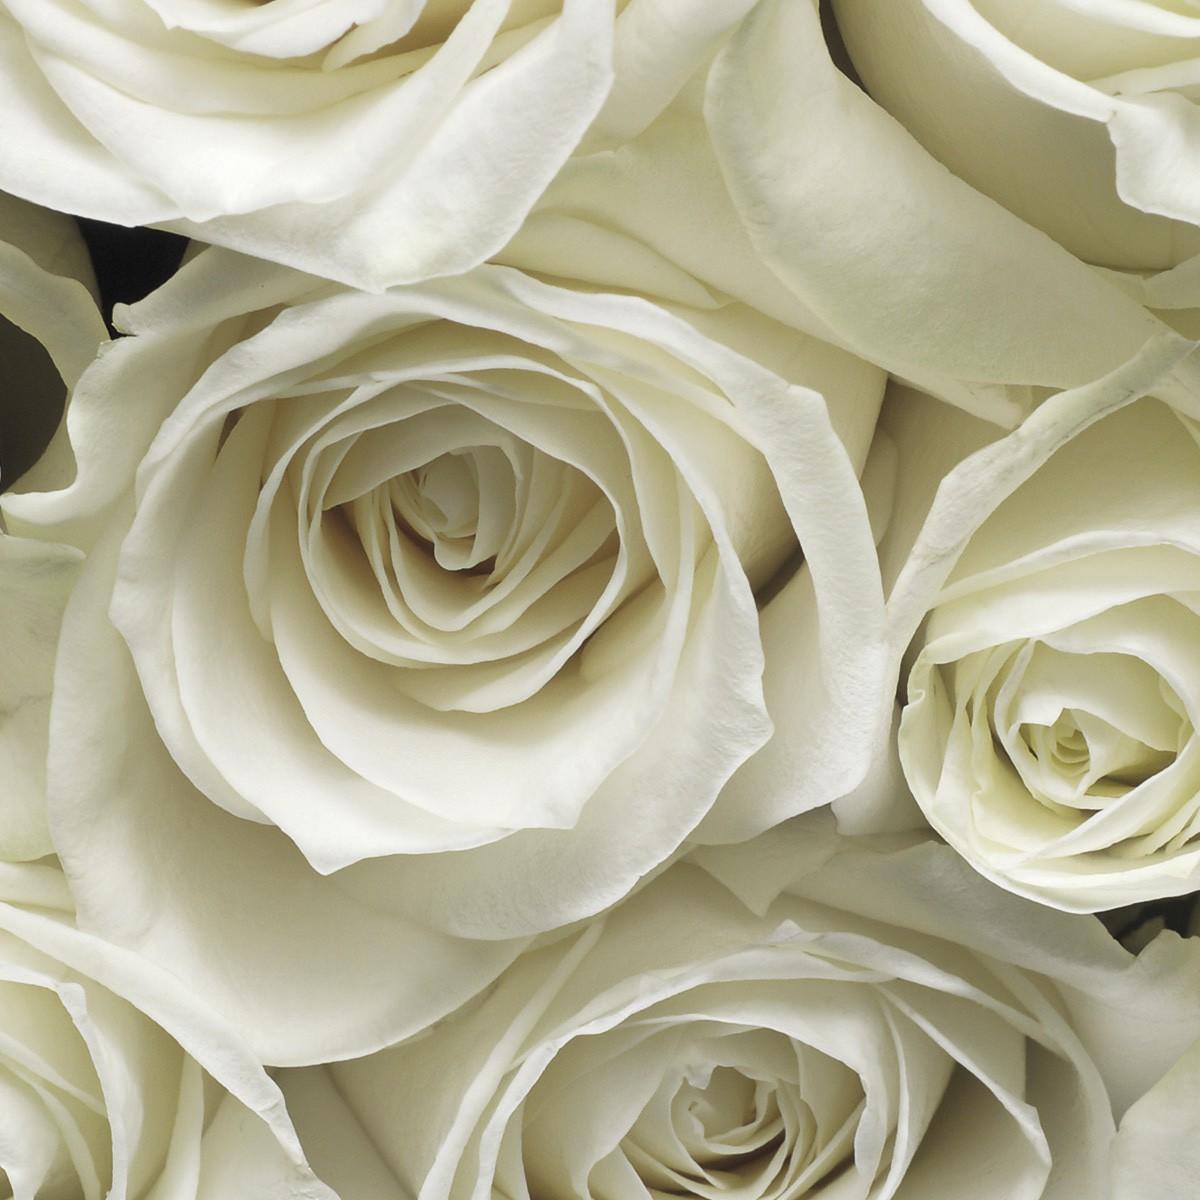 вот фотопанно розы фото задачу решает